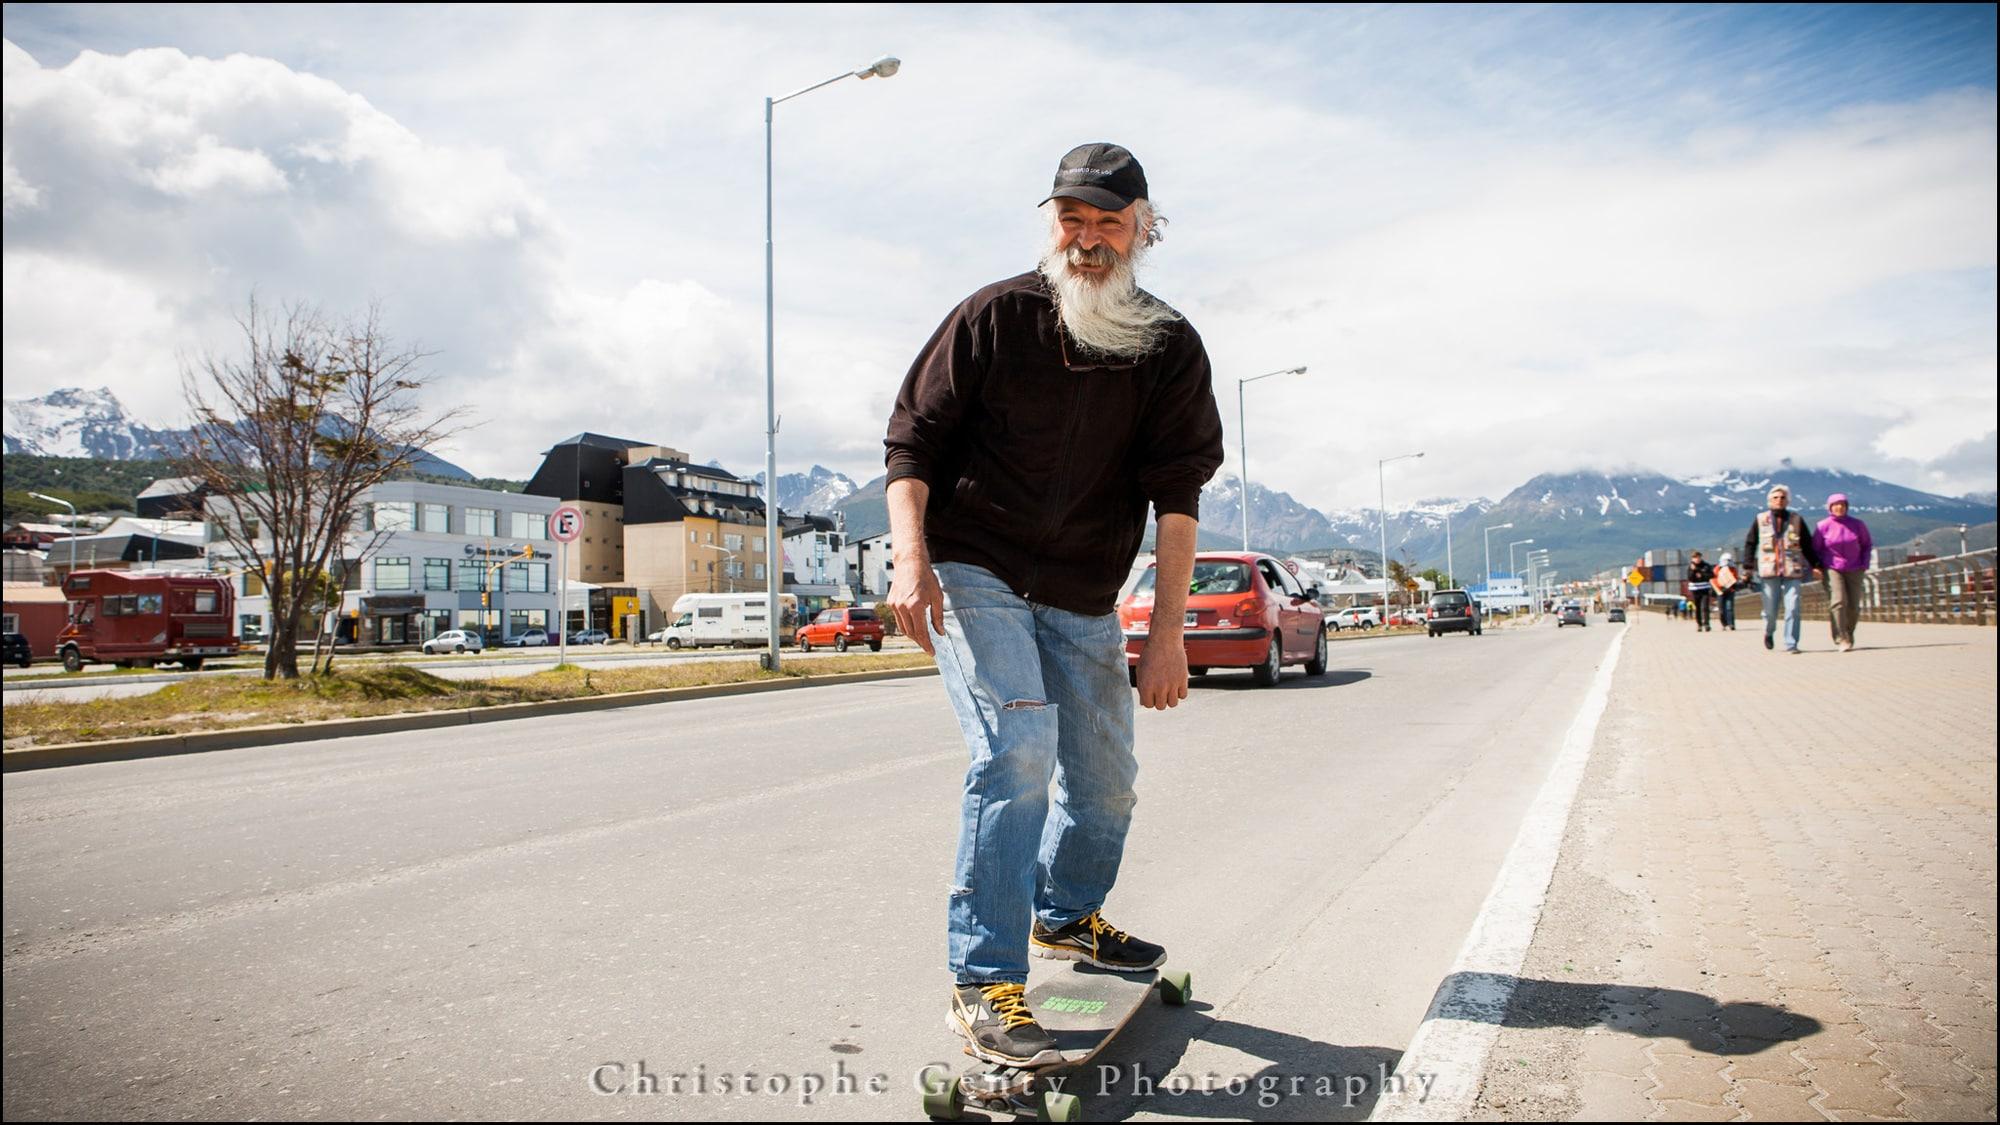 Ushuaia, Tierra del Fuego, Argentina - December 2015